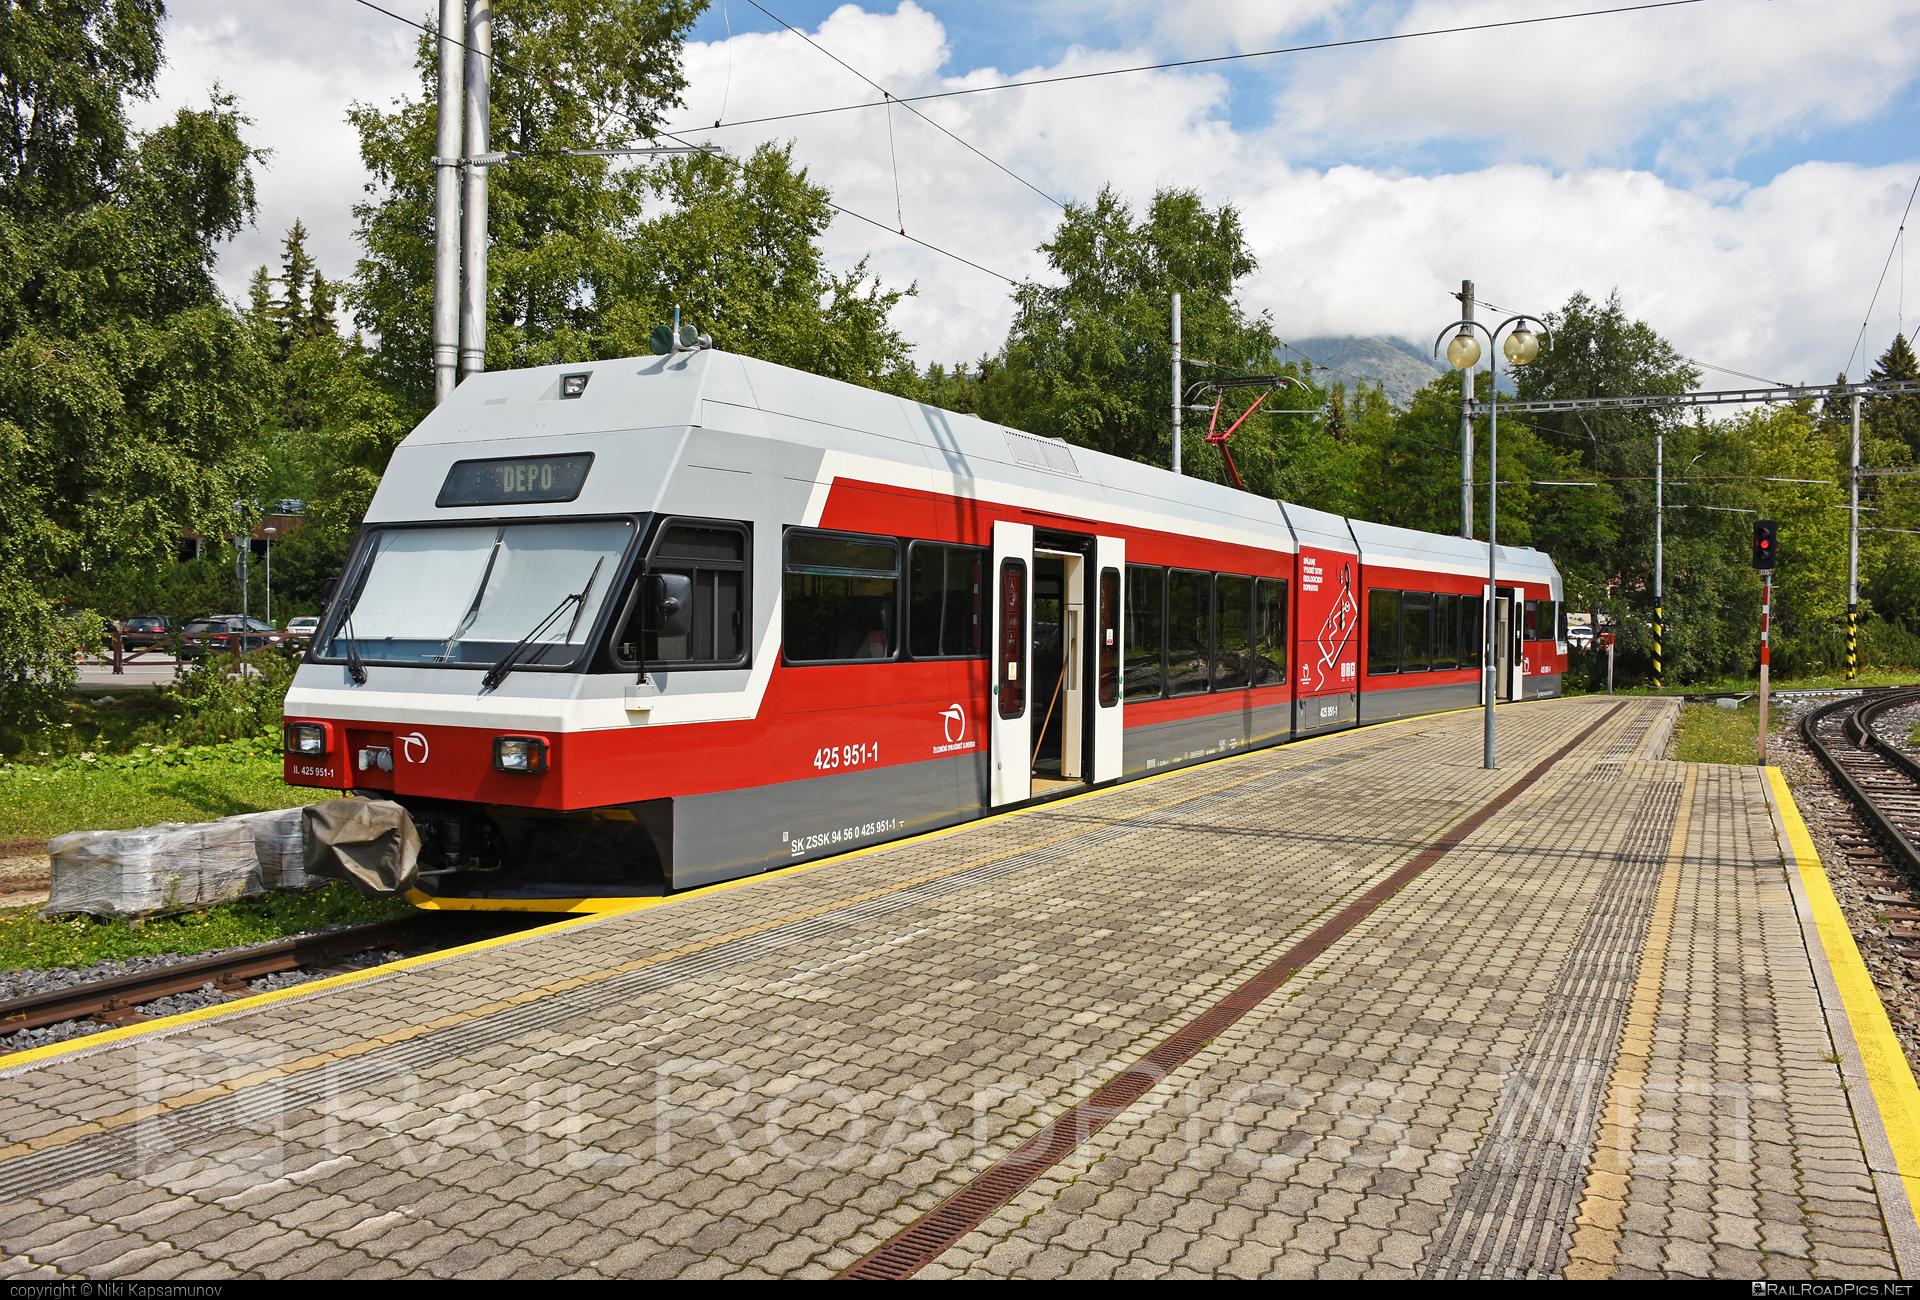 GTW Vysoké Tatry Class 425.95 - 425 951-1 operated by Železničná Spoločnost' Slovensko, a.s. #ZeleznicnaSpolocnostSlovensko #gtw26 #gtwvysoketatry #tetrapack #tez #zssk #zssk425 #zssk42595